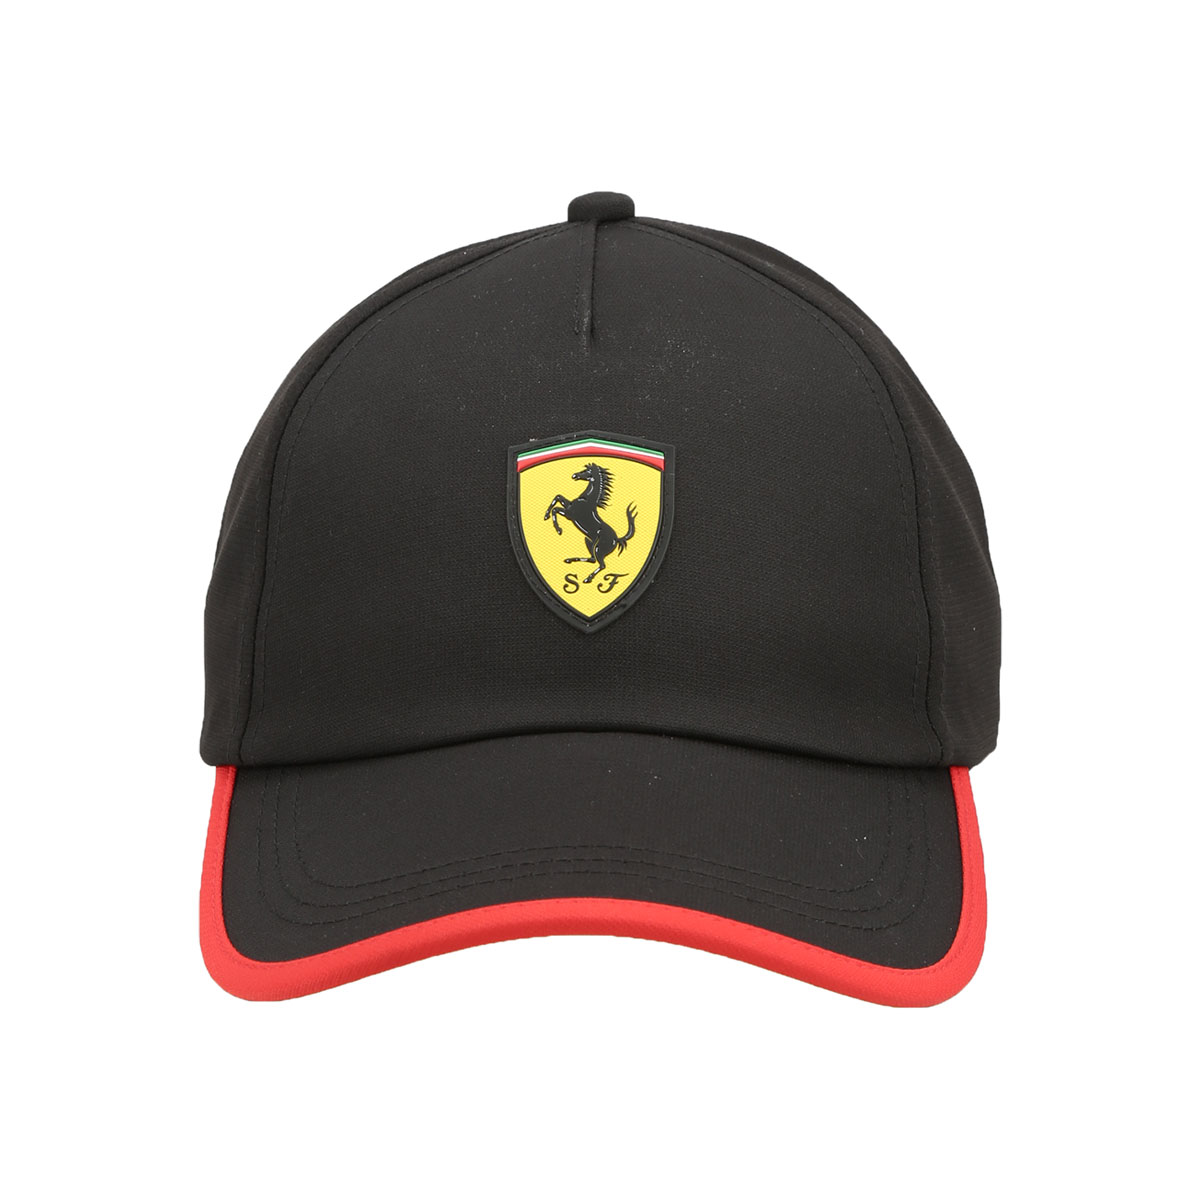 حقيقي مكان جمع الأوراق Gorras Ferrari Puma Arkansawhogsauce Com